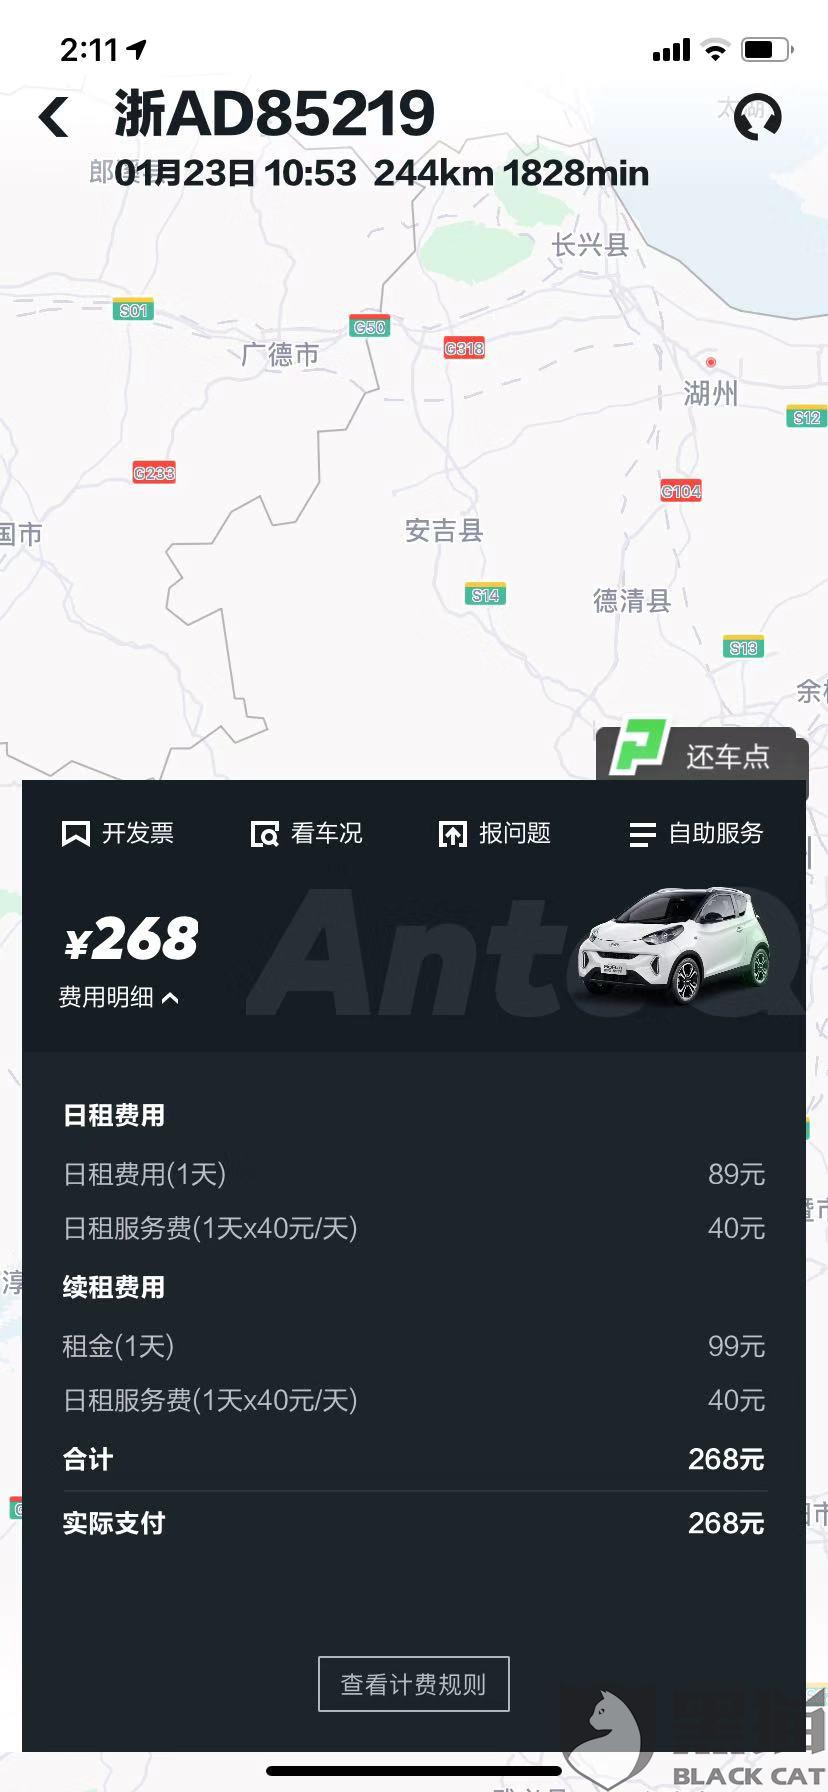 黑猫投诉:gofun租用车辆行驶半途出故障不予解决、强行要用户自理所有修理费用